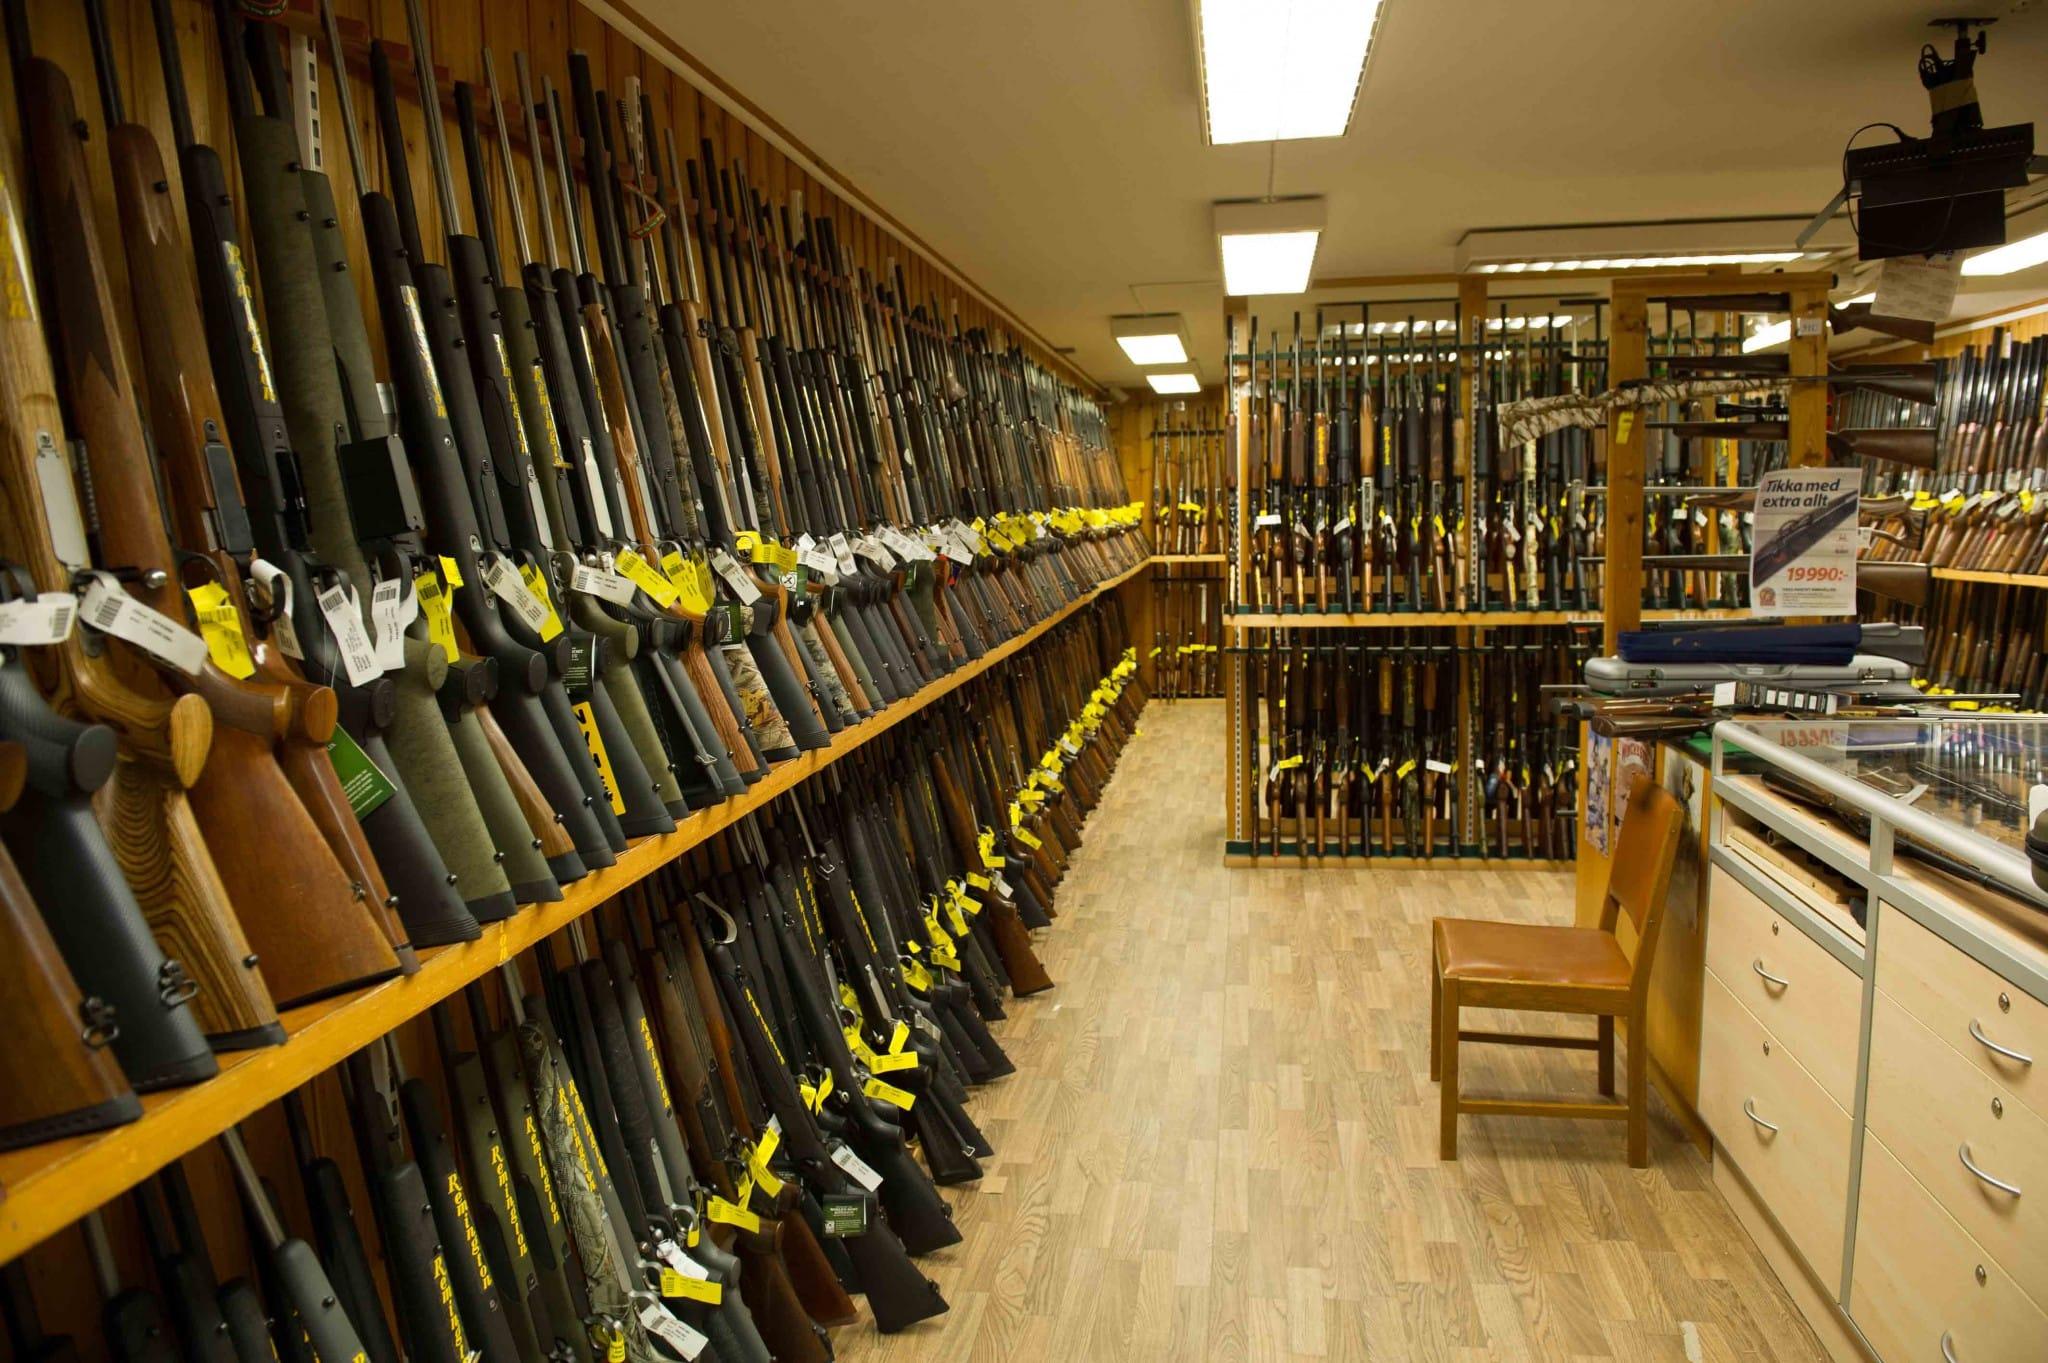 Jakthandeln drabbas hårt av de långa handläggningstiderna för vapenlicenser. När köparen inte får licens måste handlarna ligga på lager i outhämtade vapen för många miljoner kronor. Foto: Mattias Lilja